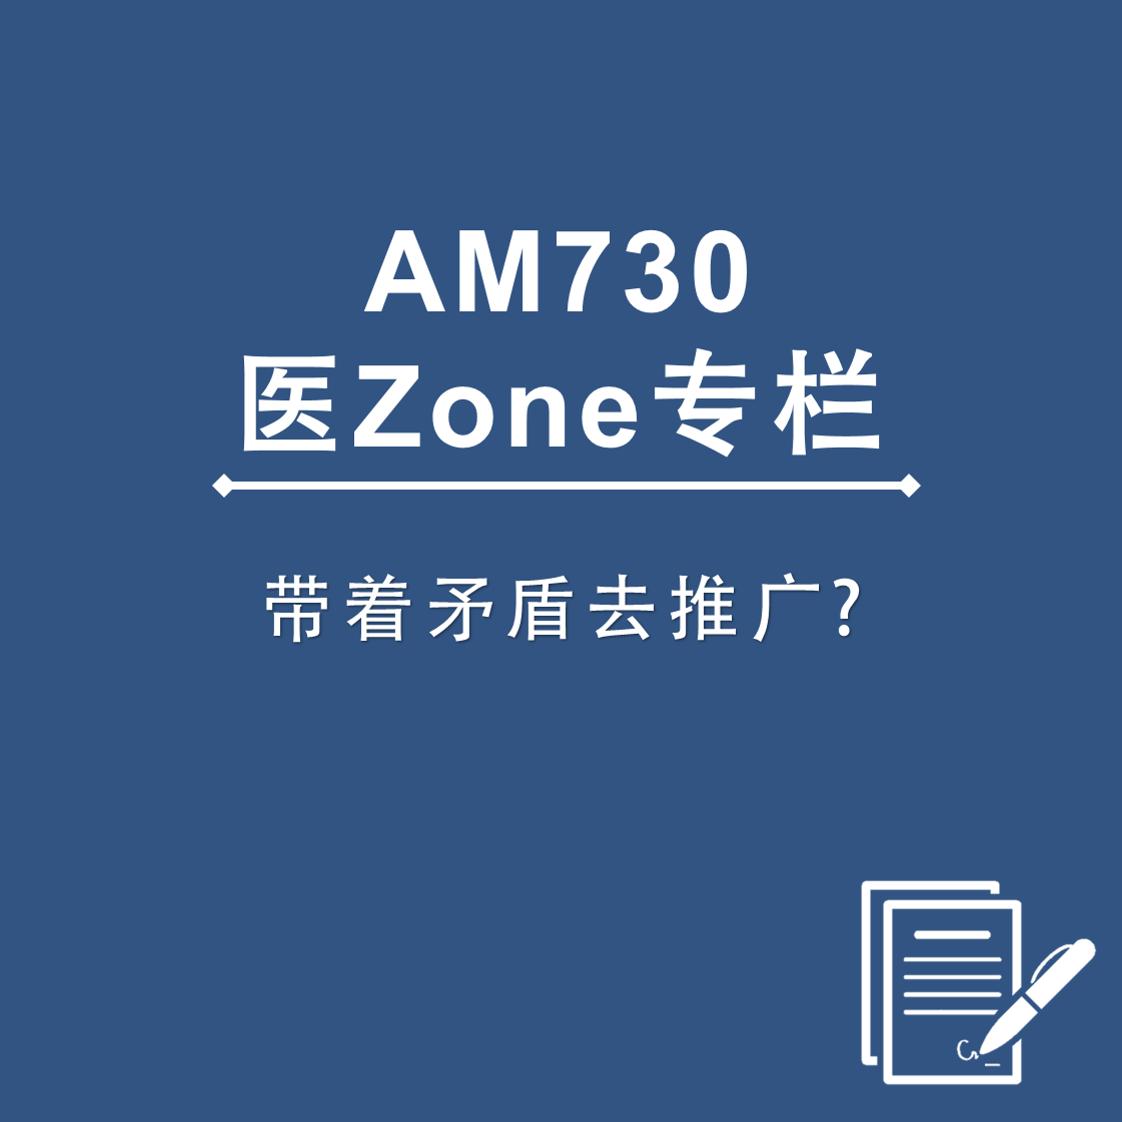 AM730 医Zone 专栏 - 带着矛盾去推广?